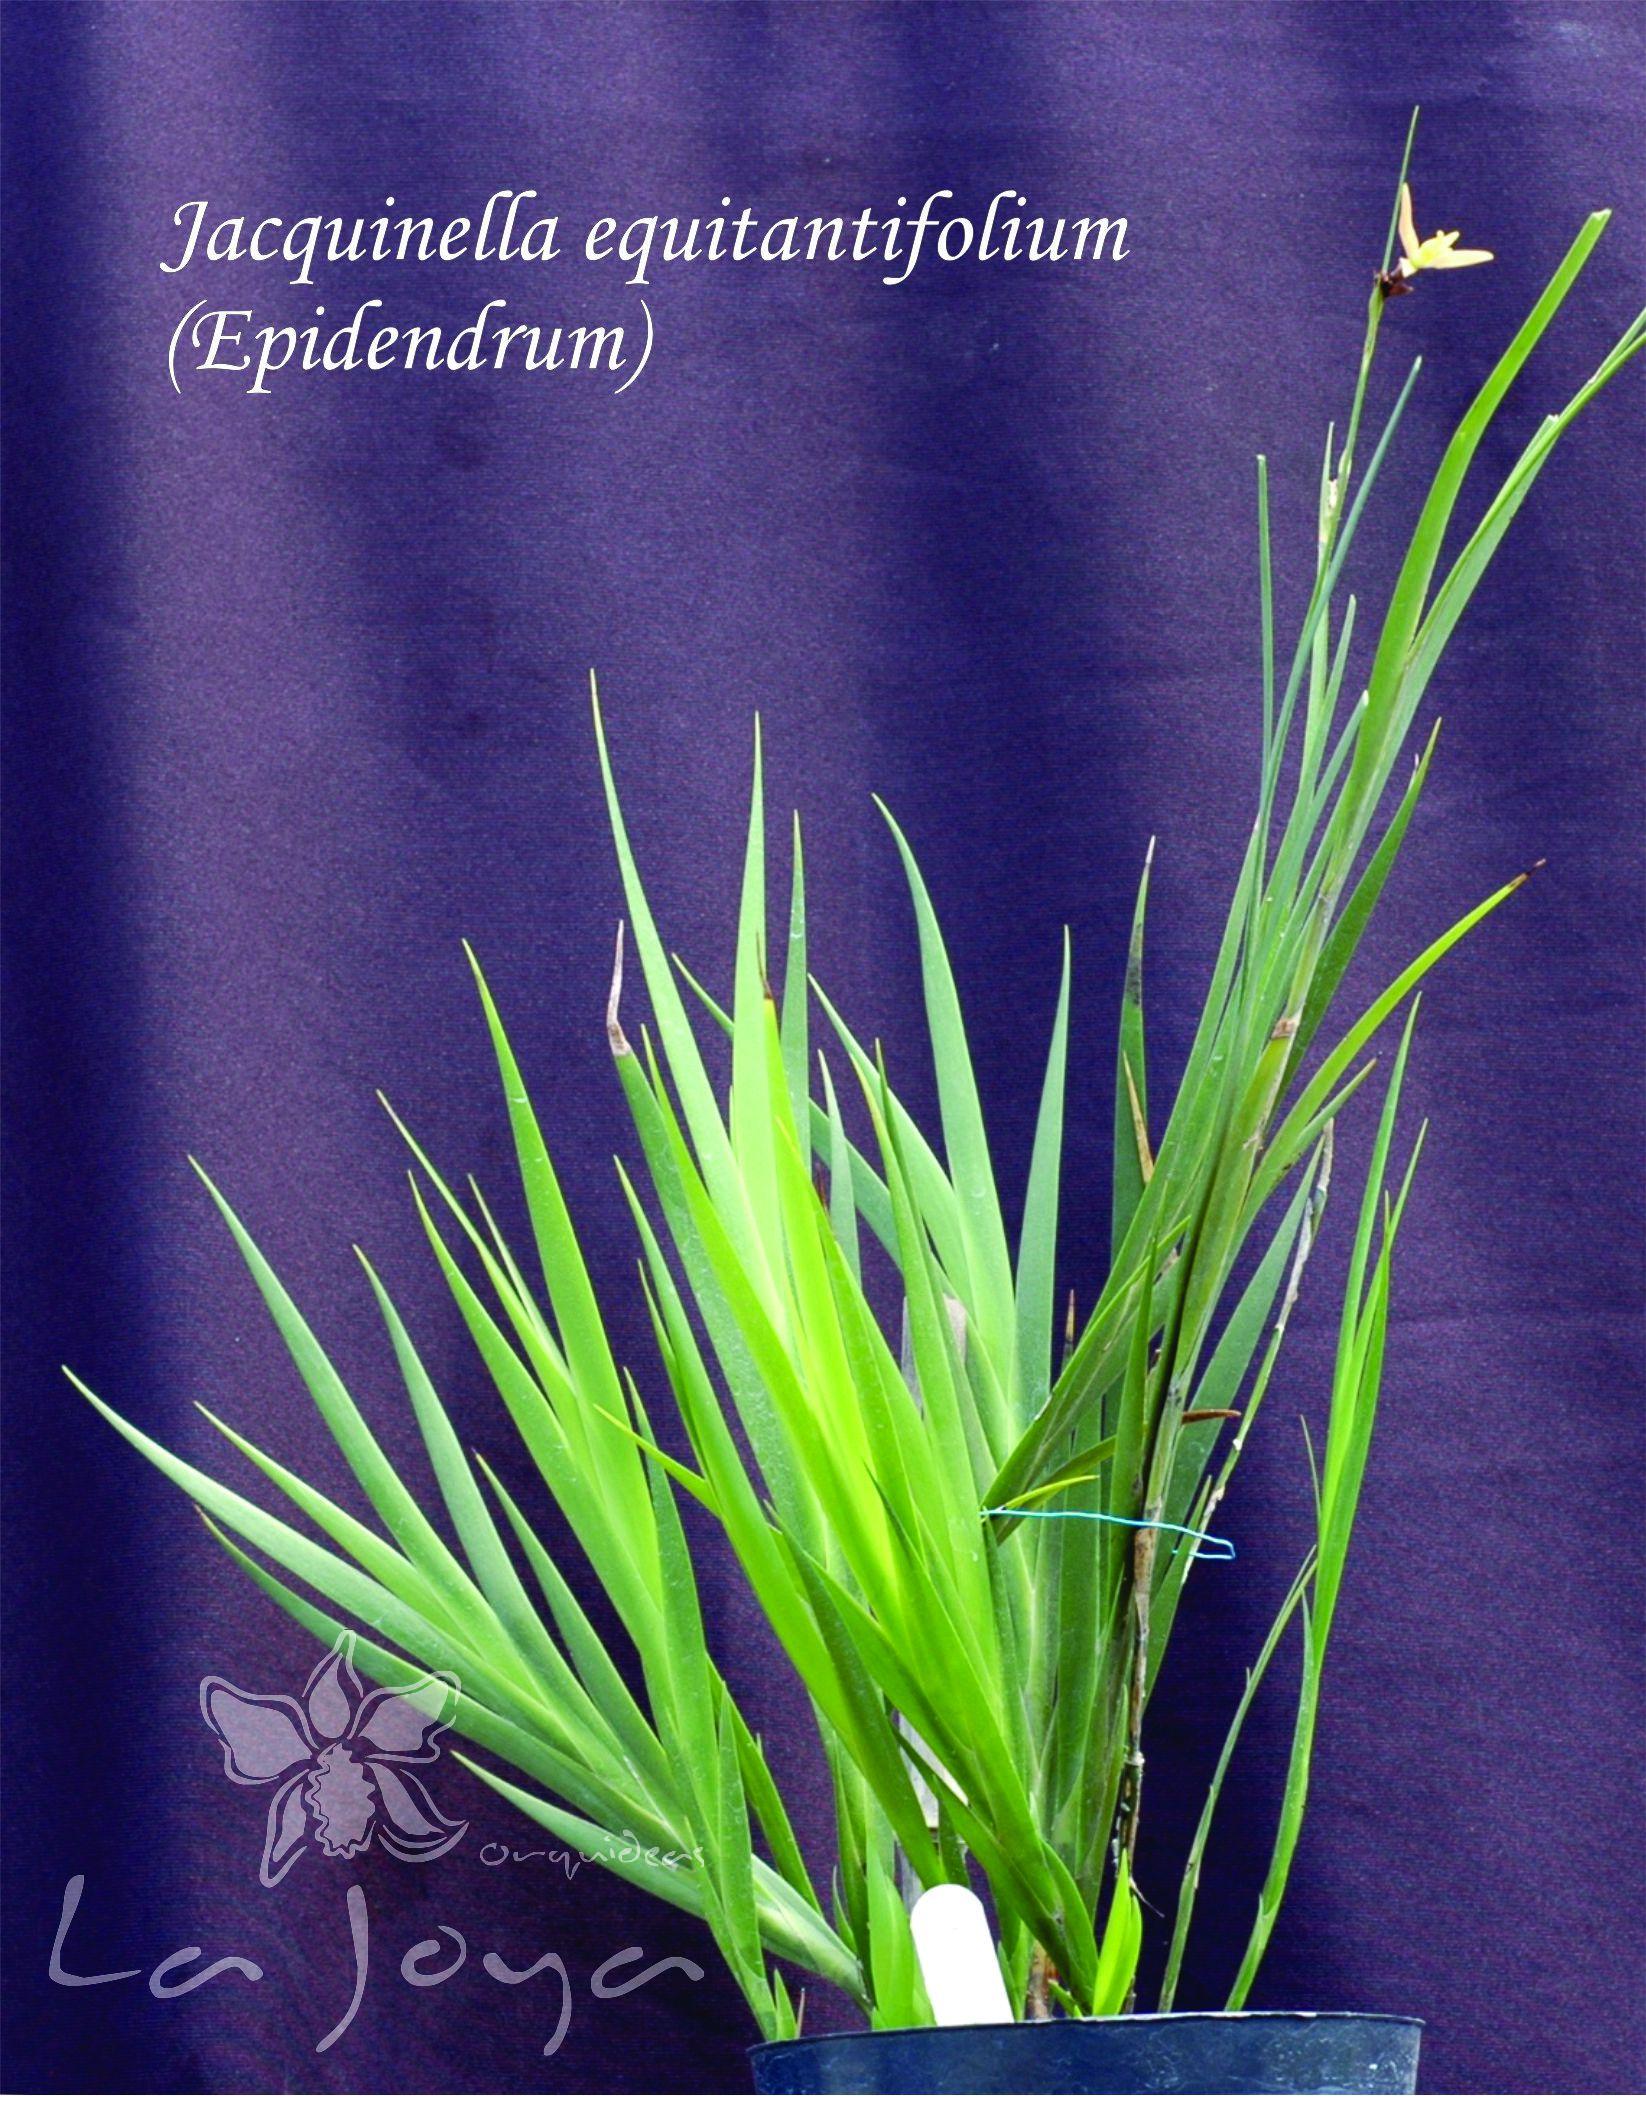 Jaquinella Equitantifolium (Epidendrum)